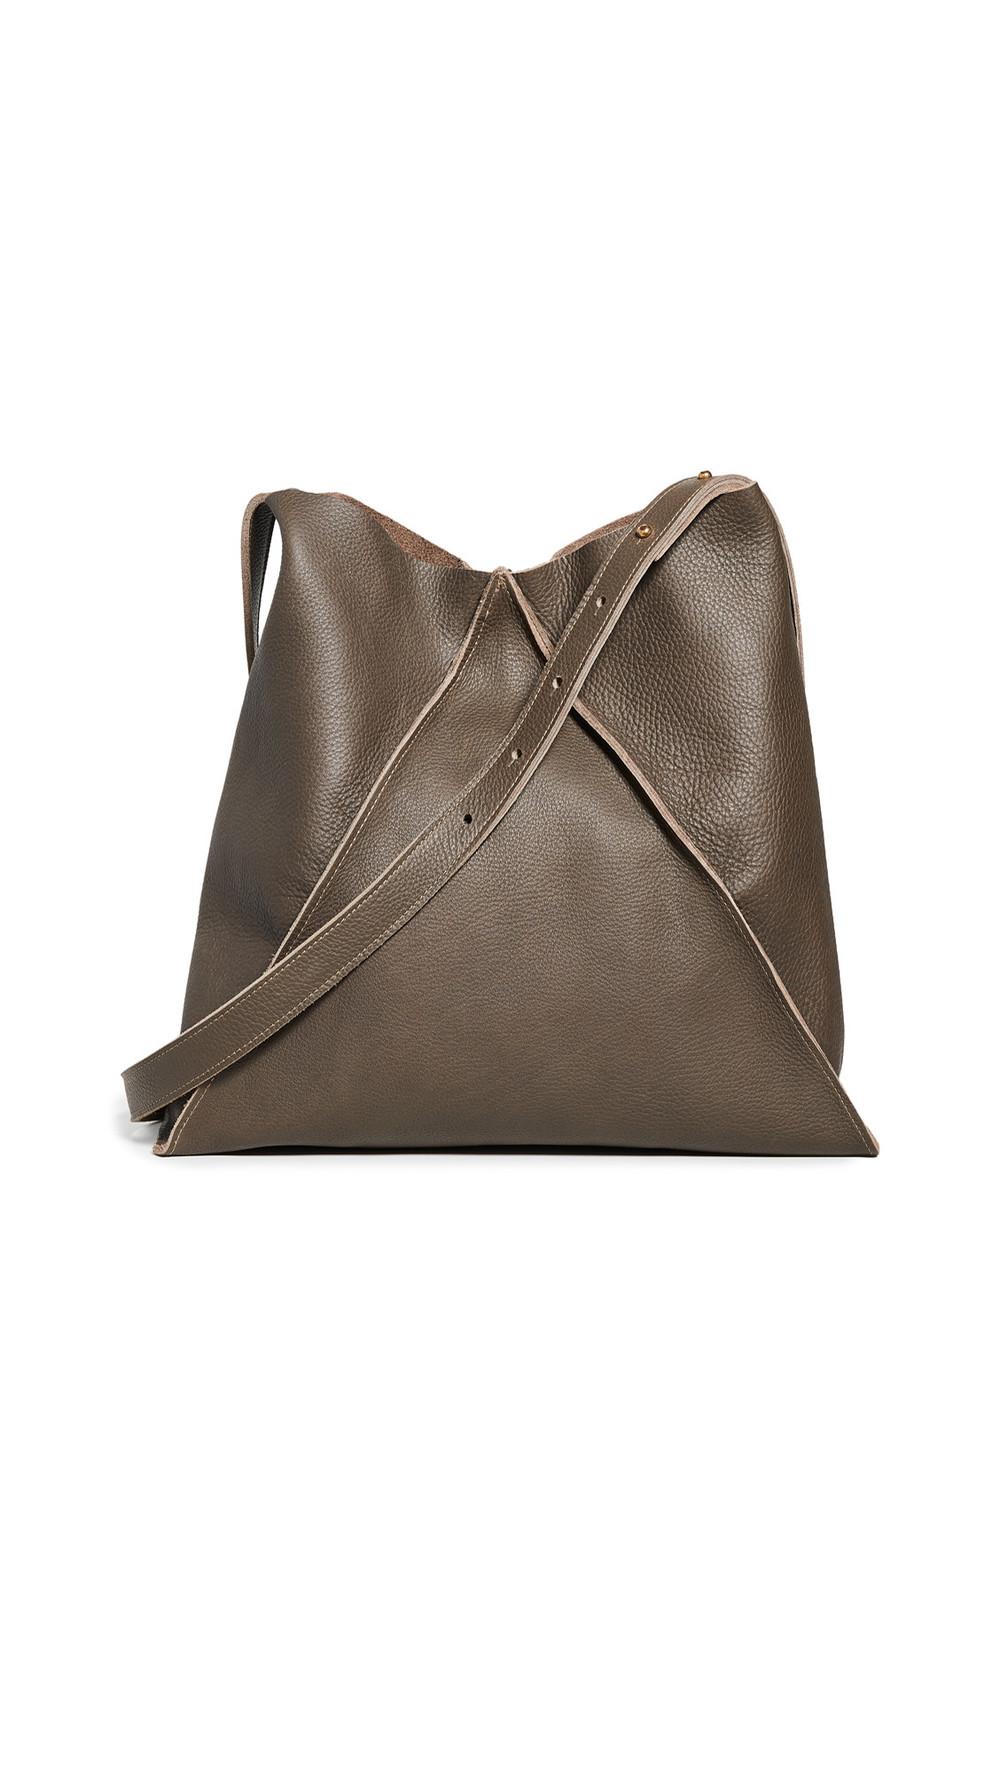 Oliveve Jasper Shoulder Bag in mushroom